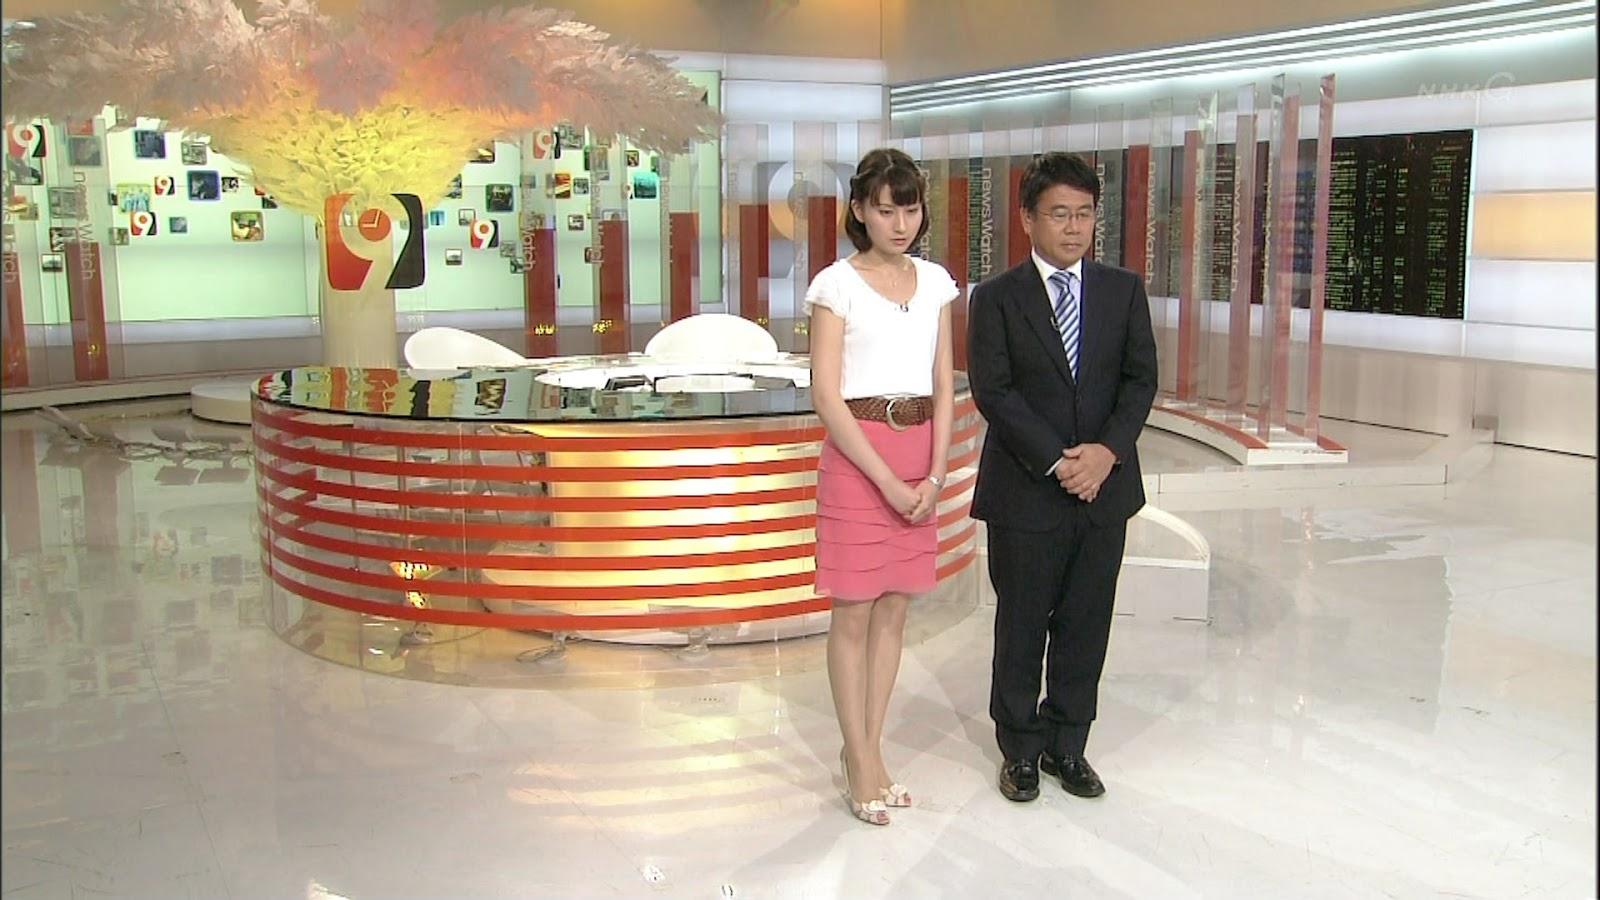 井上あさひさん 12年8月13日 NHK ニュ−スウオッチ9 匂い付き...  井上あさひさん